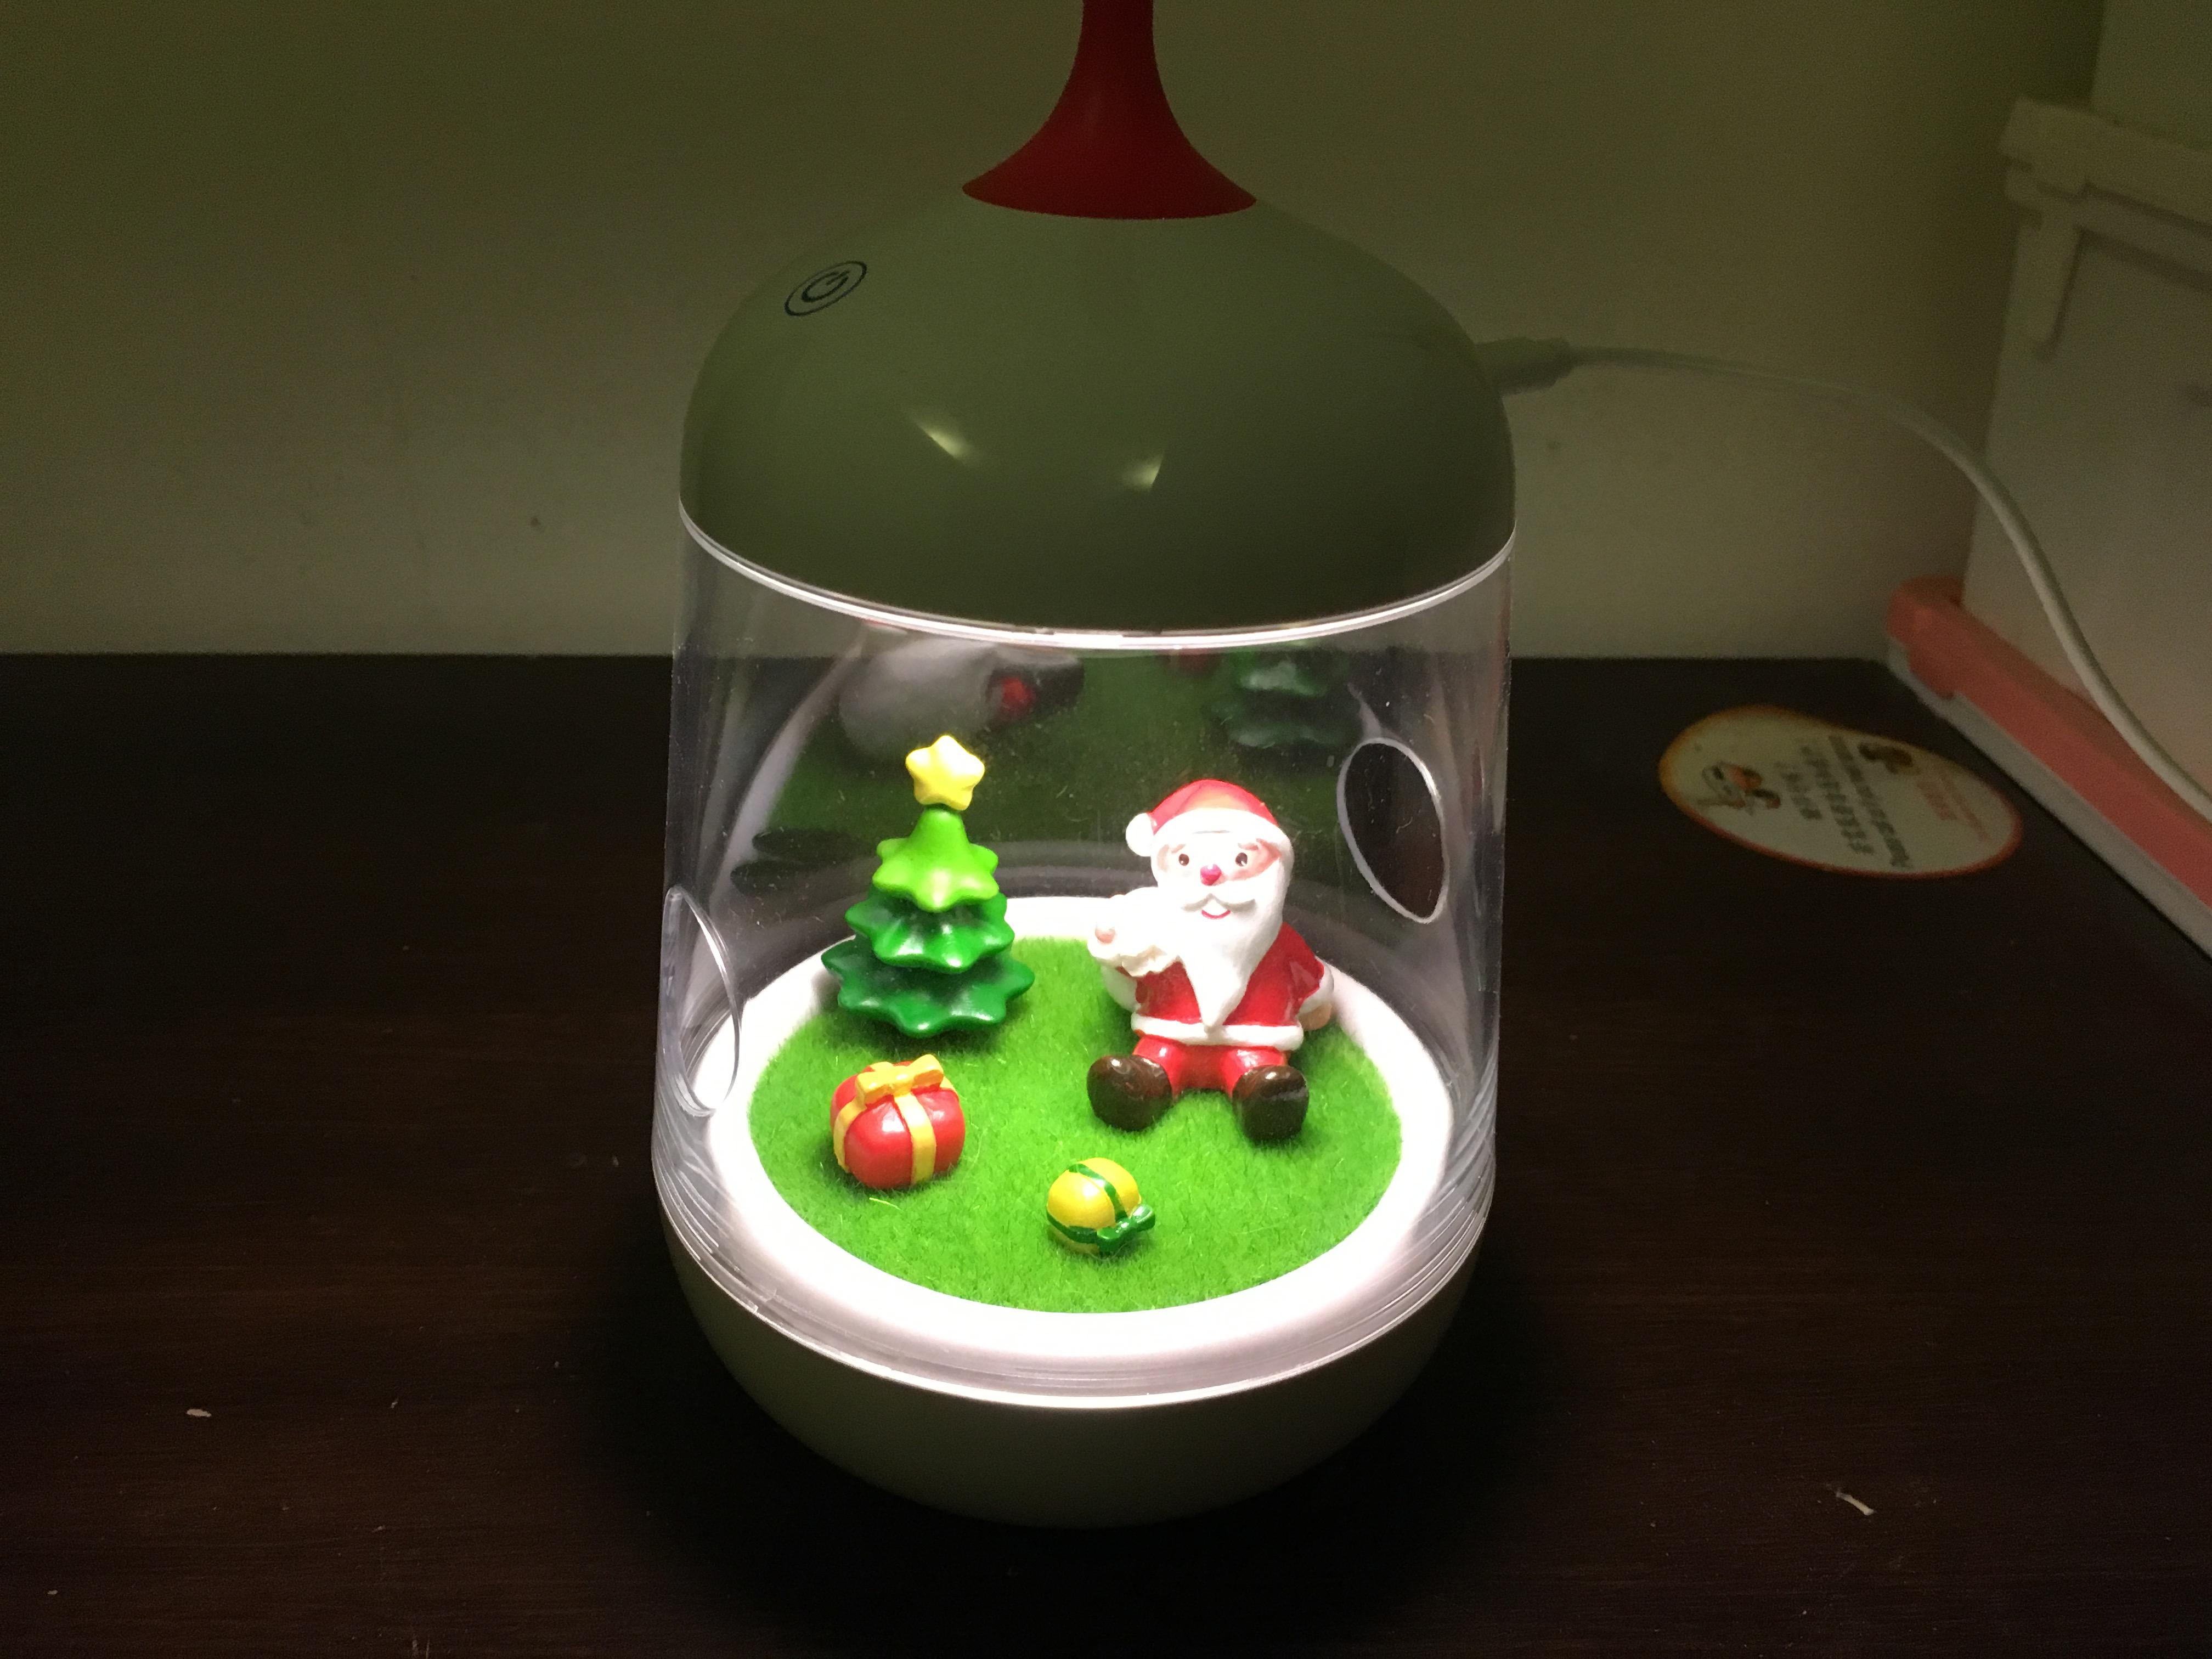 聖誕節交換禮物首選~微造景觸控燈飾~七彩變換!樂趣無窮